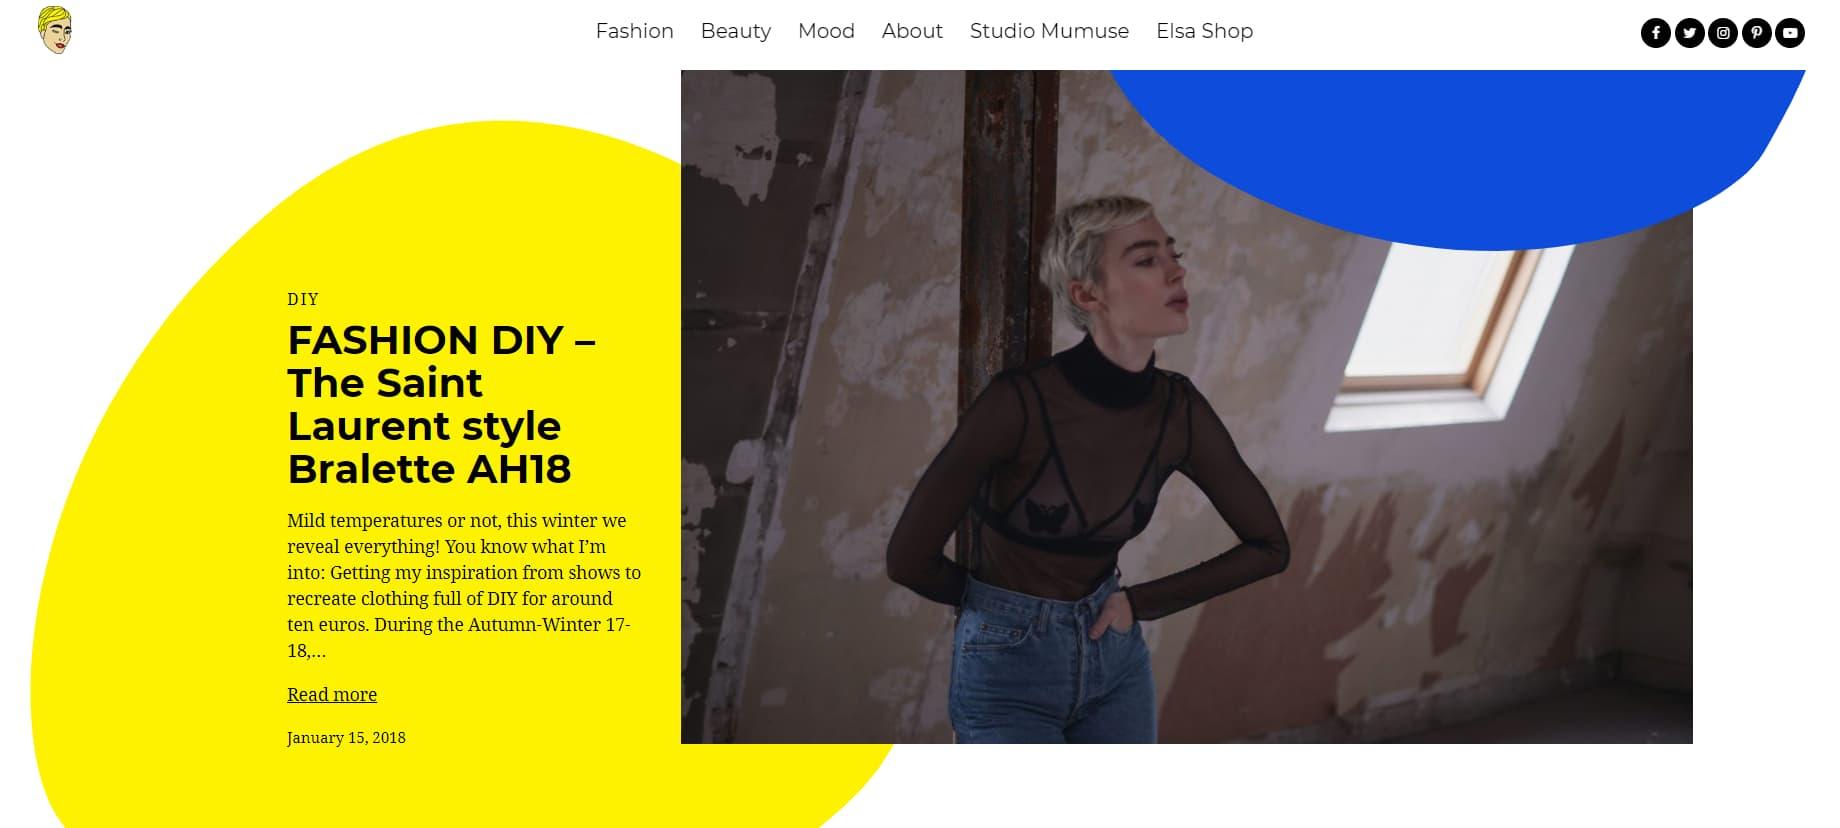 Portfolio website blog